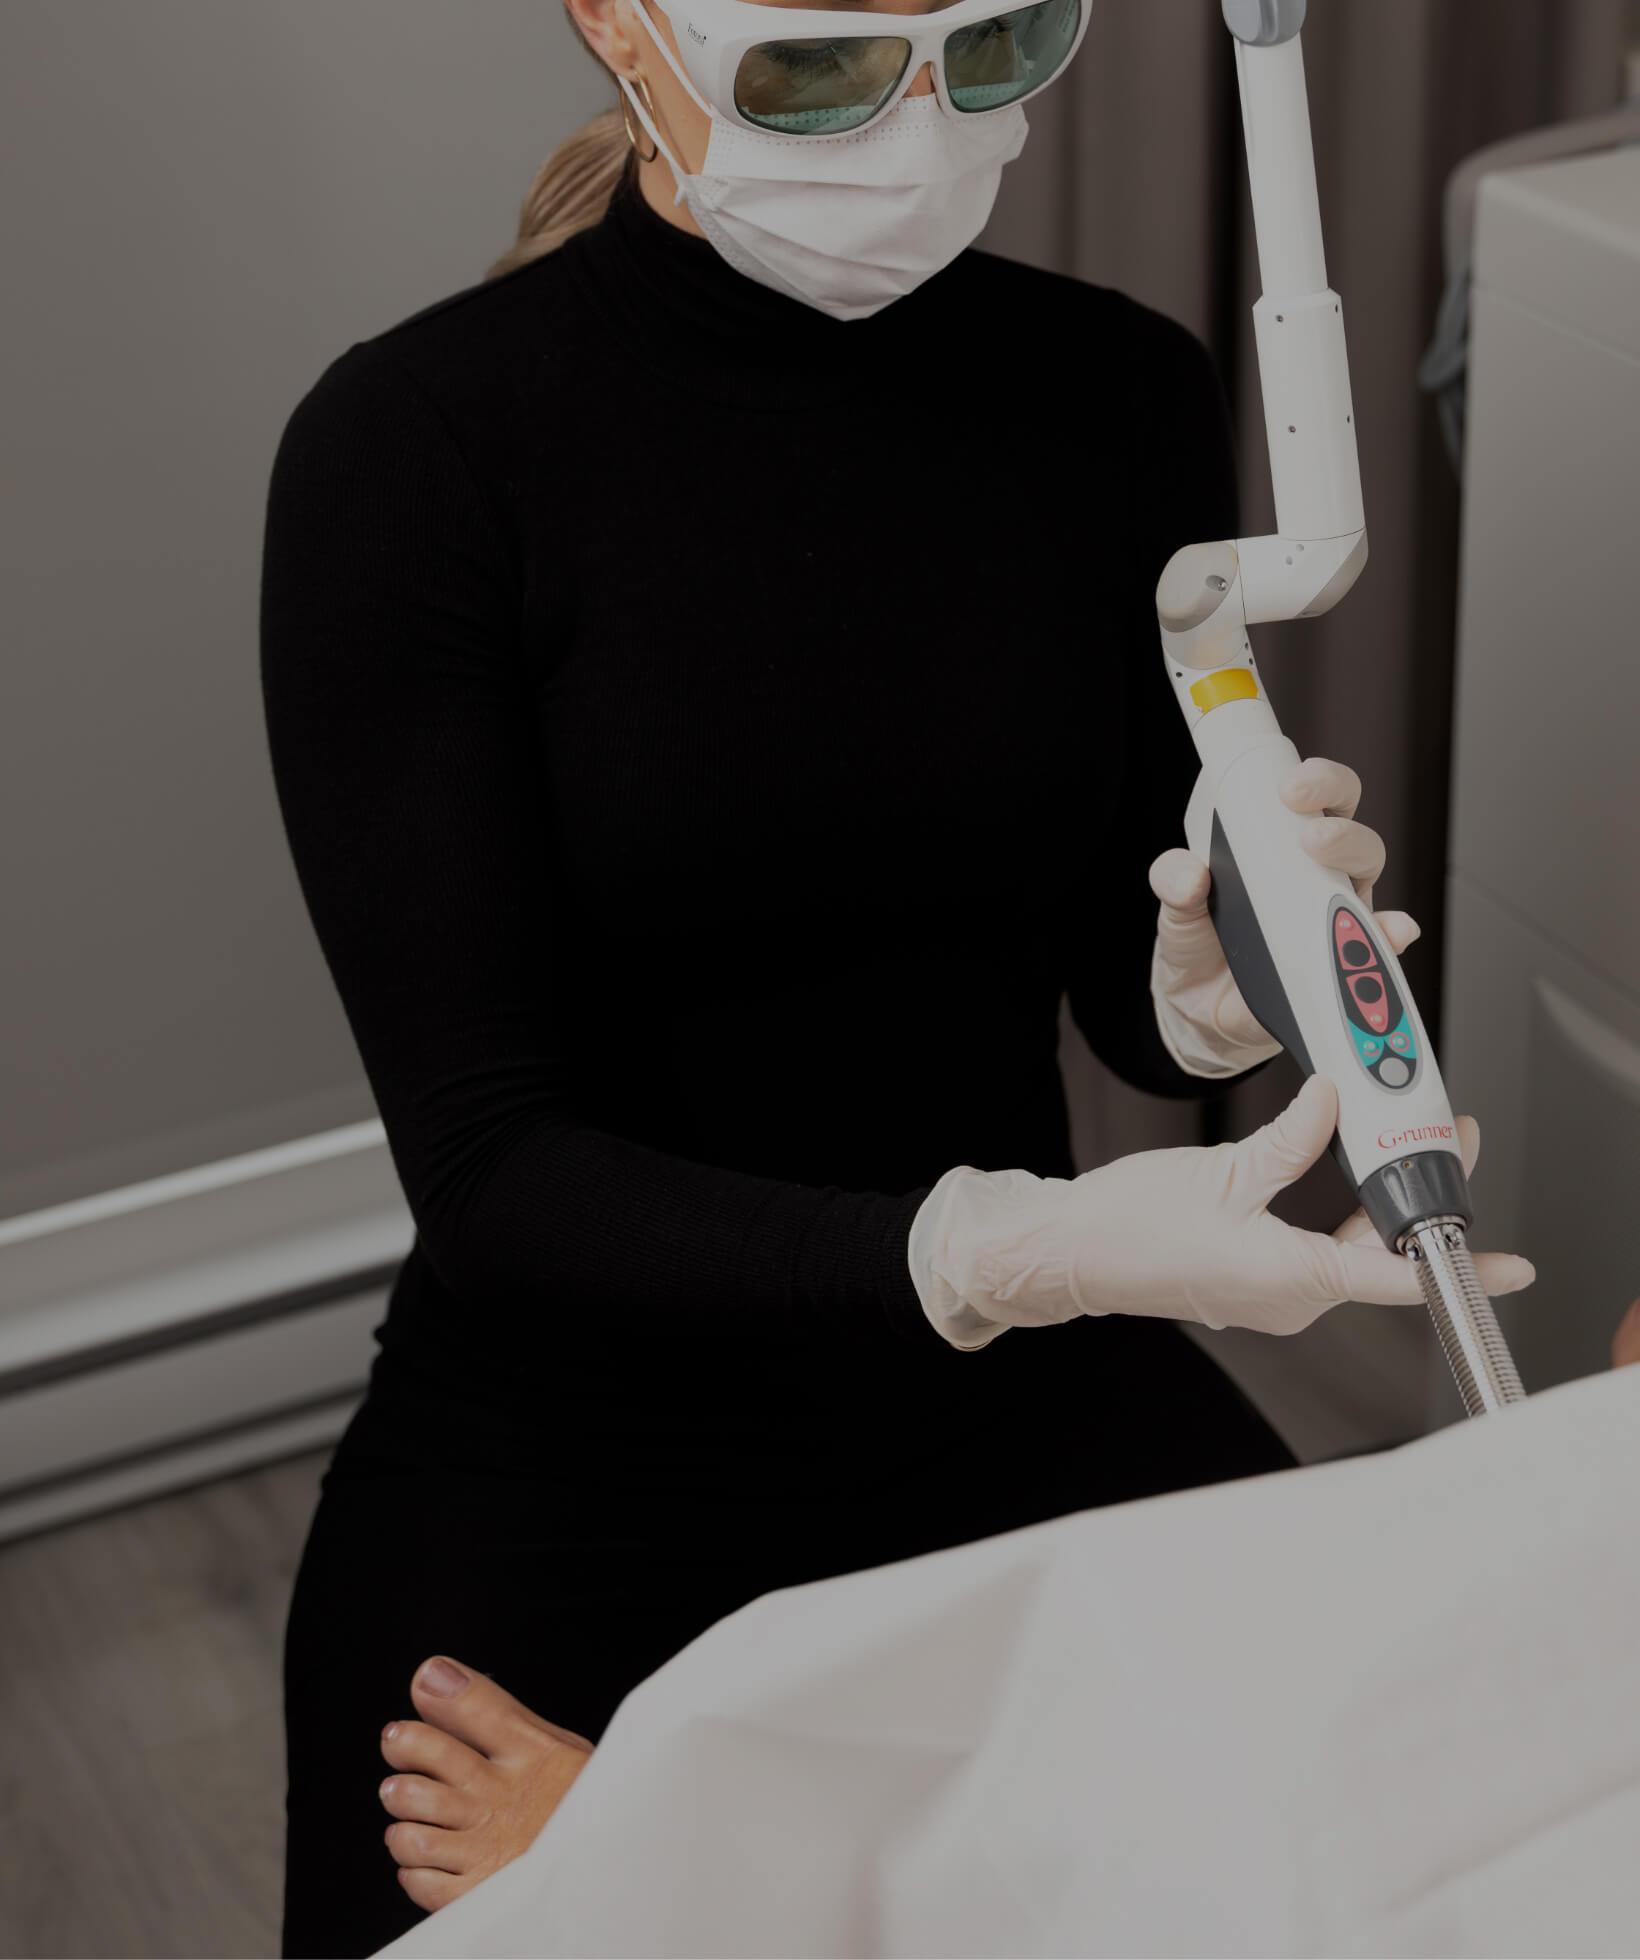 Une infirmière de la Clinique Chloé insérant l'embout à usage unique du laser IntimaLase dans le vagin de sa patiente